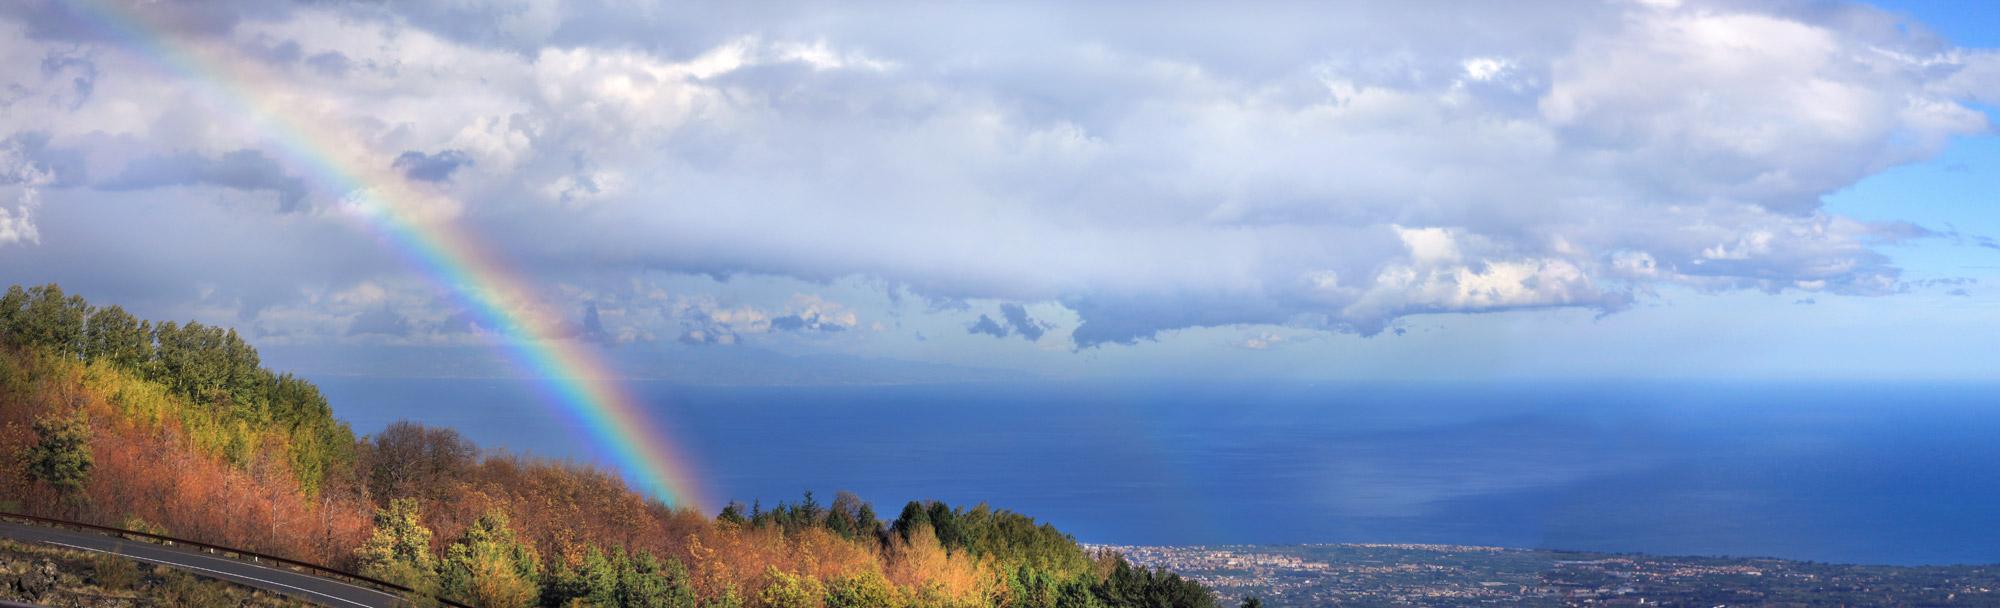 Regenbogen Natur